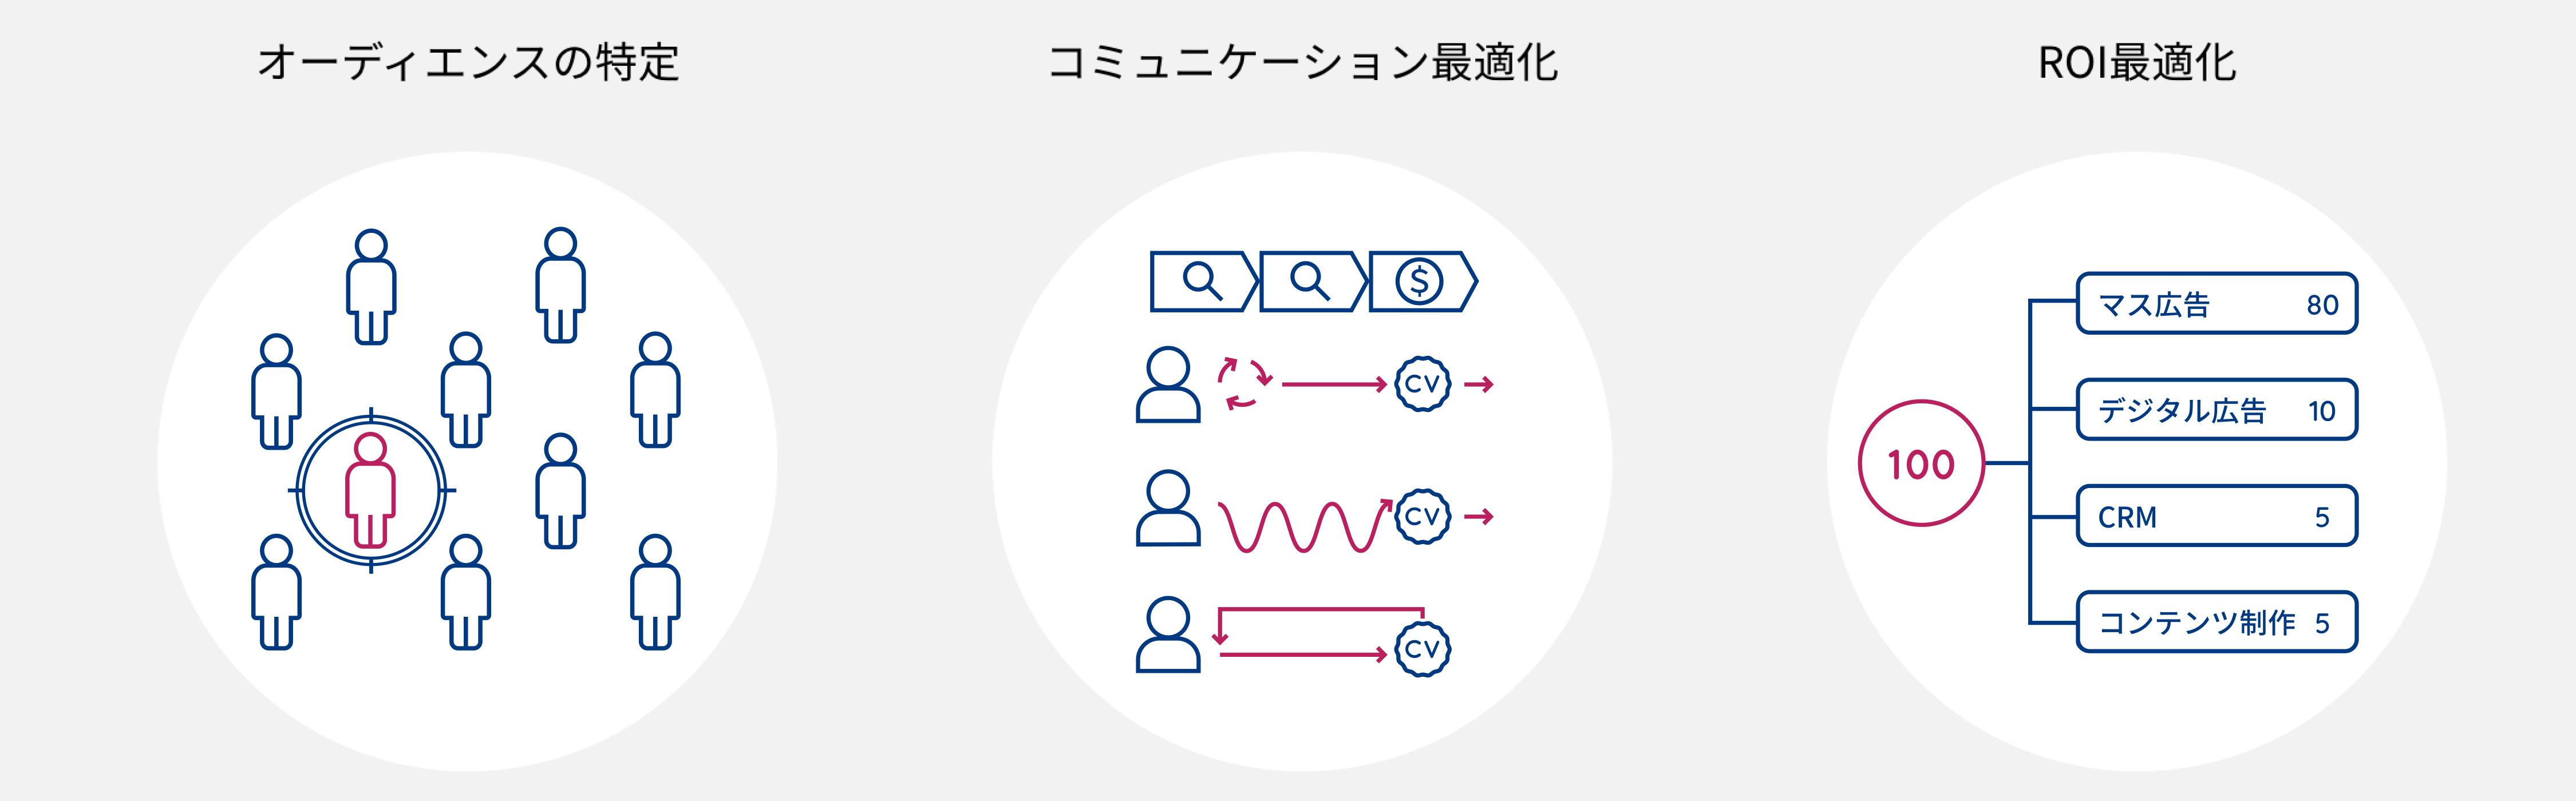 PAAM サービスイメージ画像